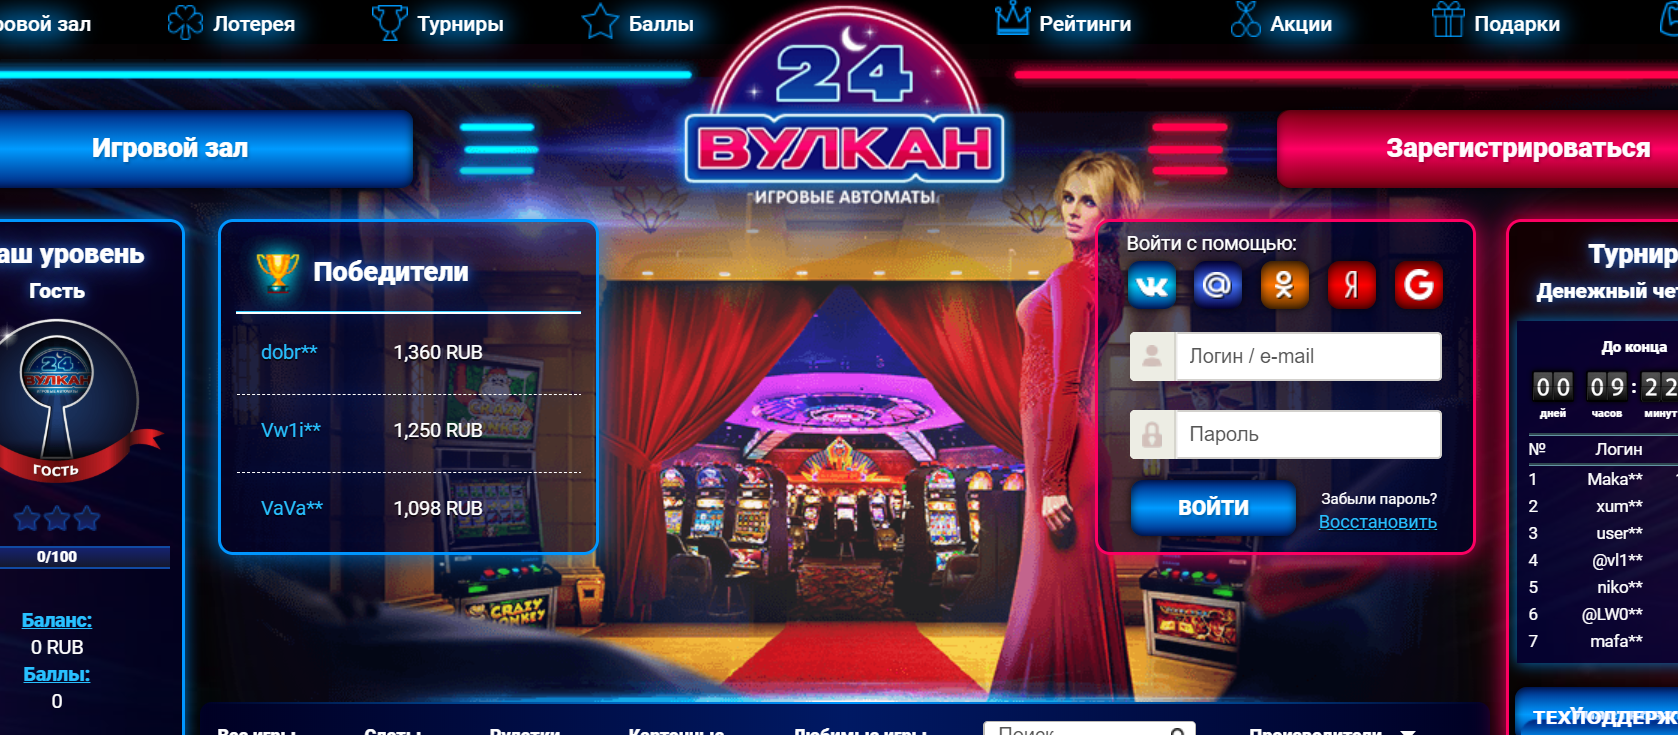 Денежные игры с огоньком в казино Вулкан 24